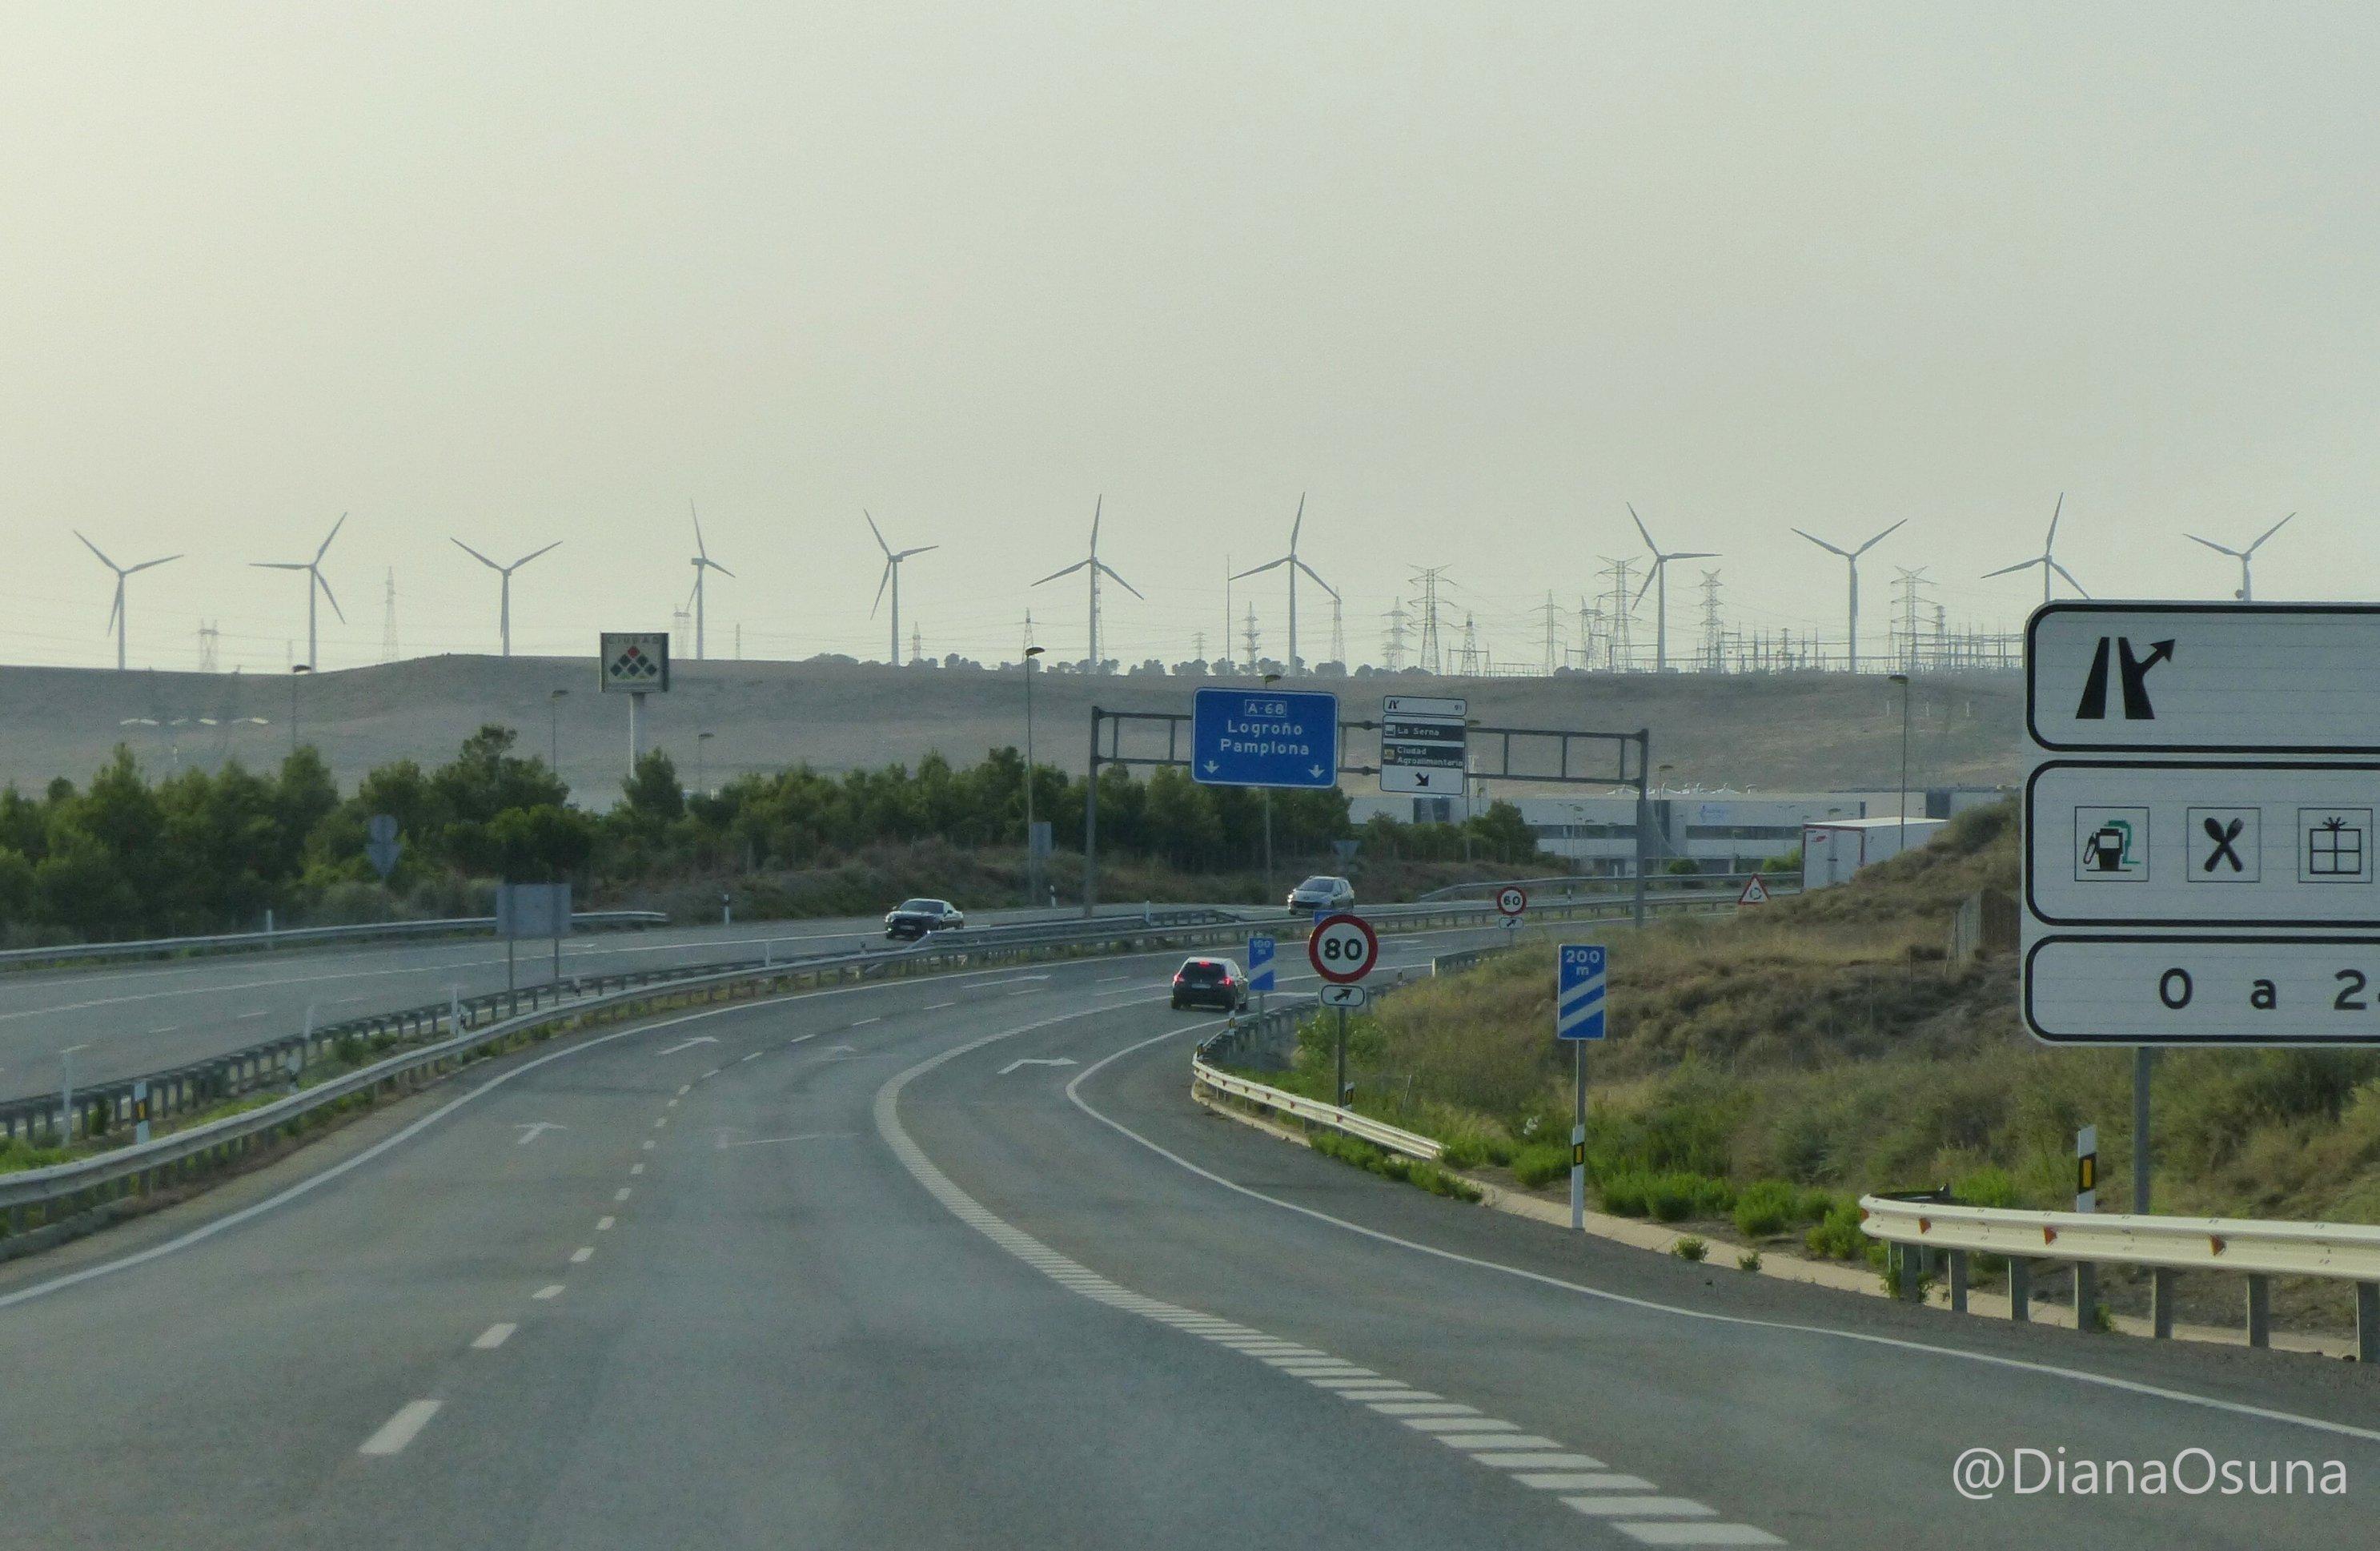 Am Horizont hinter einer Autobahnausfahrt steht eine lange Reihe von Windrädern und Strommasten